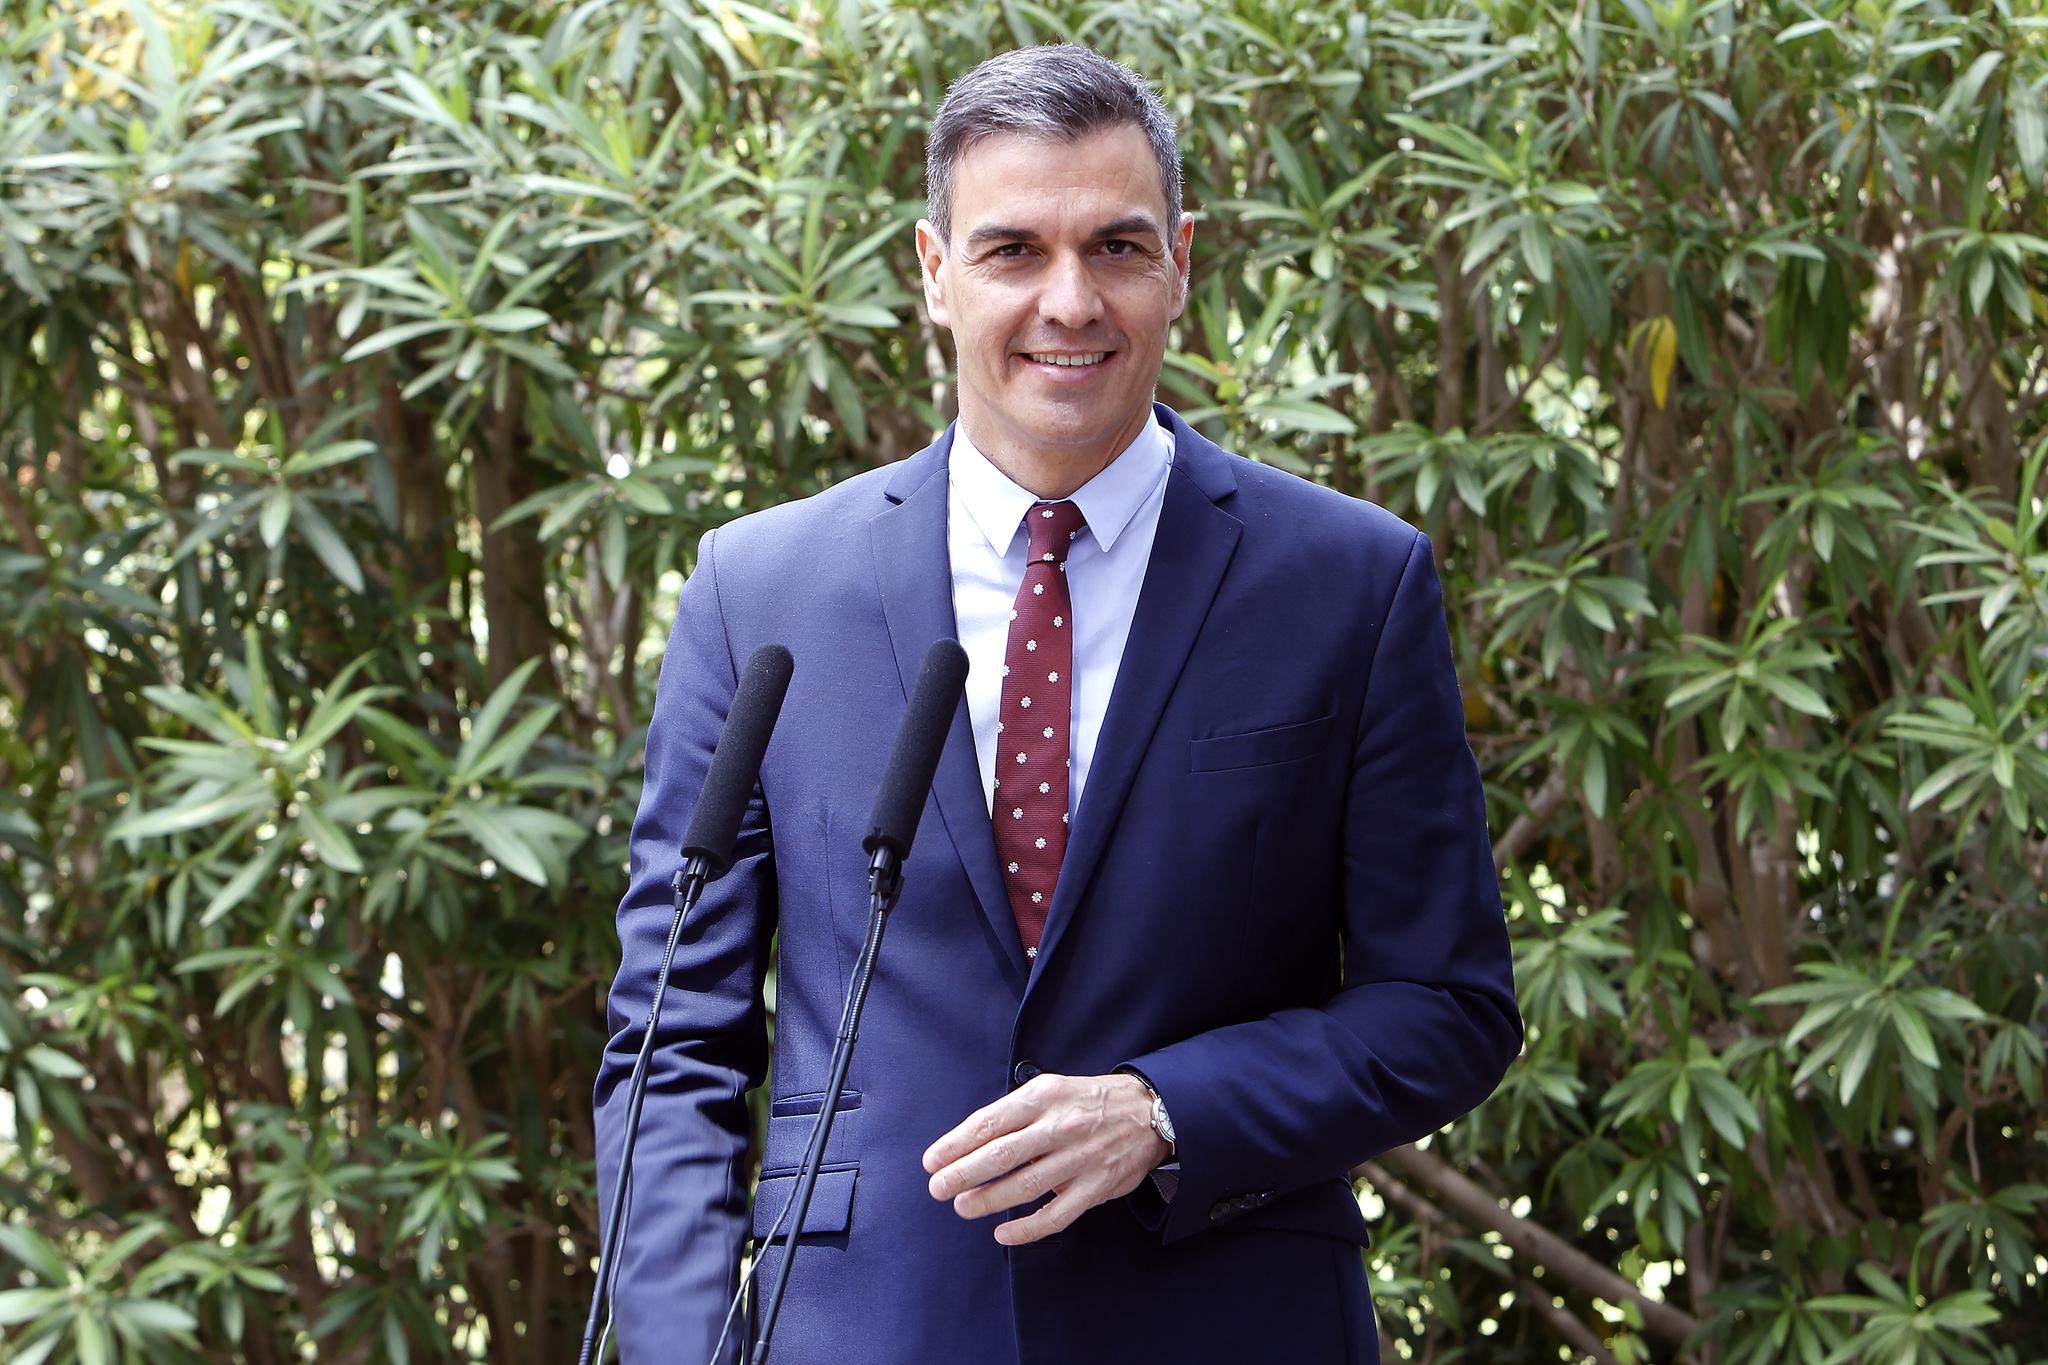 El presidente del Gobierno, Pedro Sánchez, en una rueda de prensa a su llegada al Palacio de Marivent en Palma de Mallorca, Mallorca.